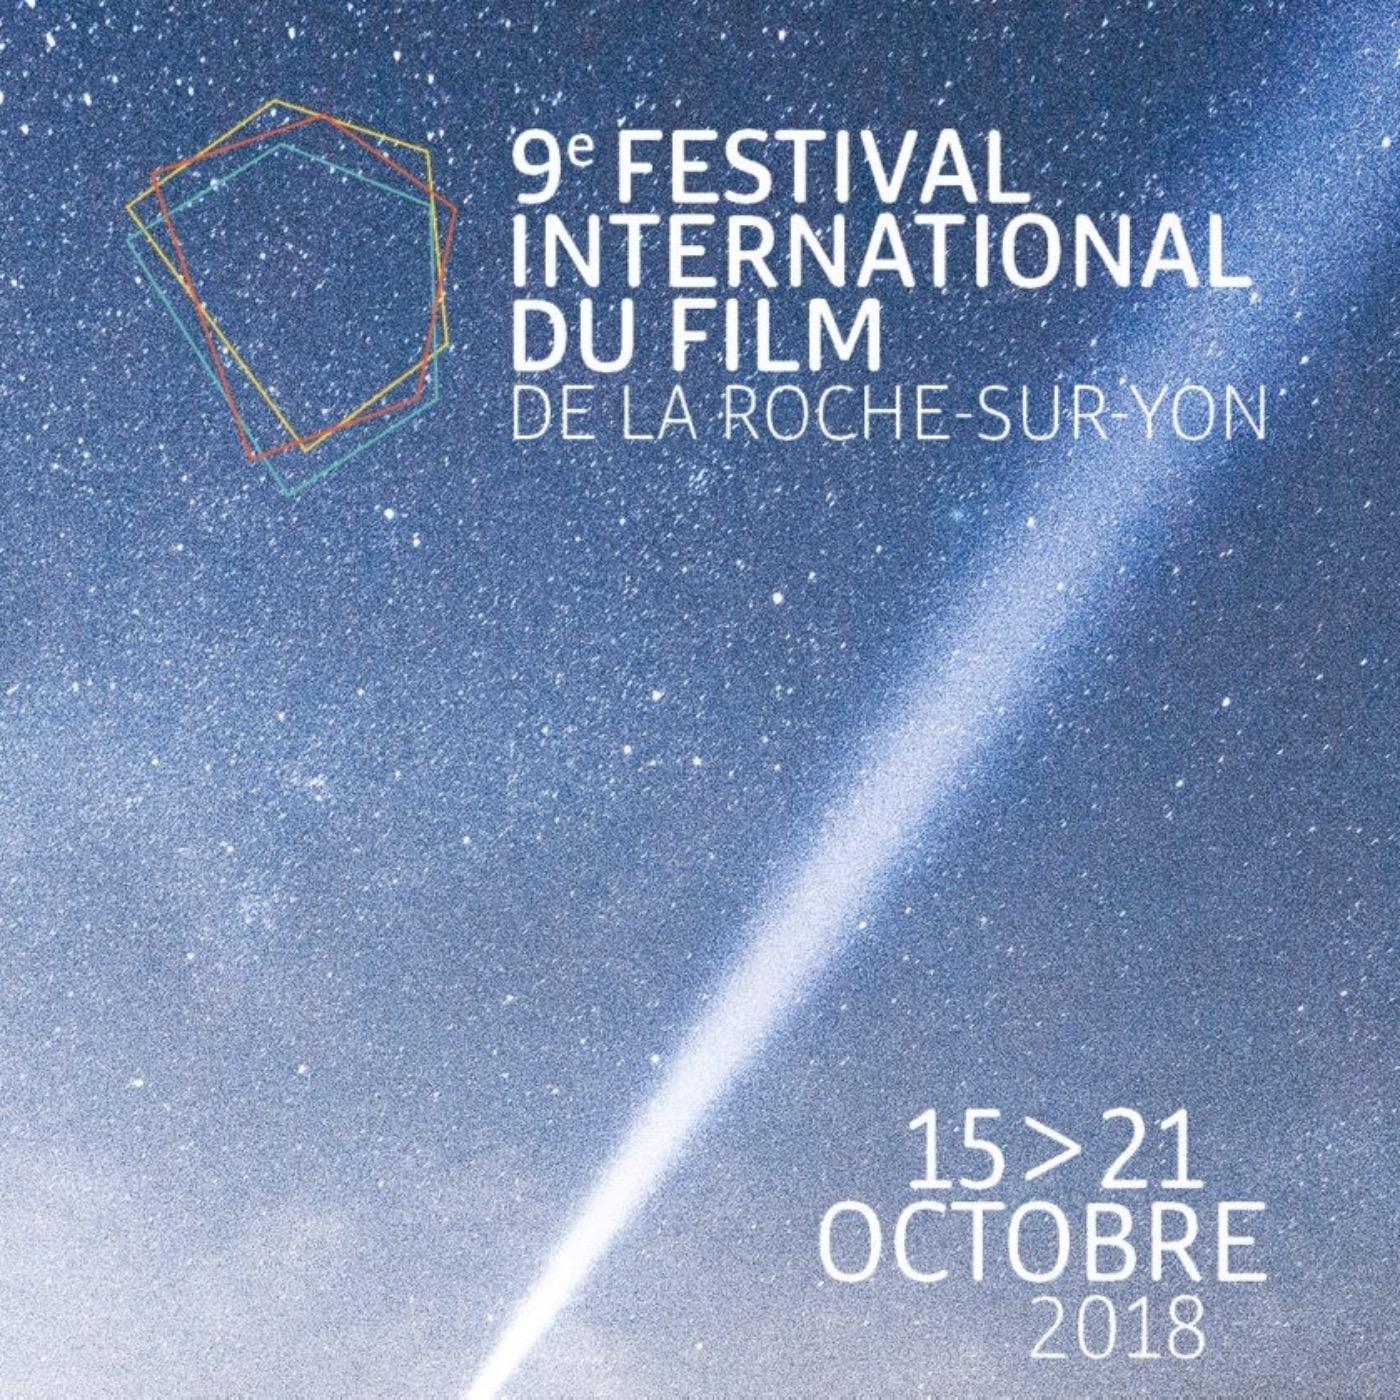 Paolo Moretti : Spécial Festival International du film de la Roche-sur-Yon